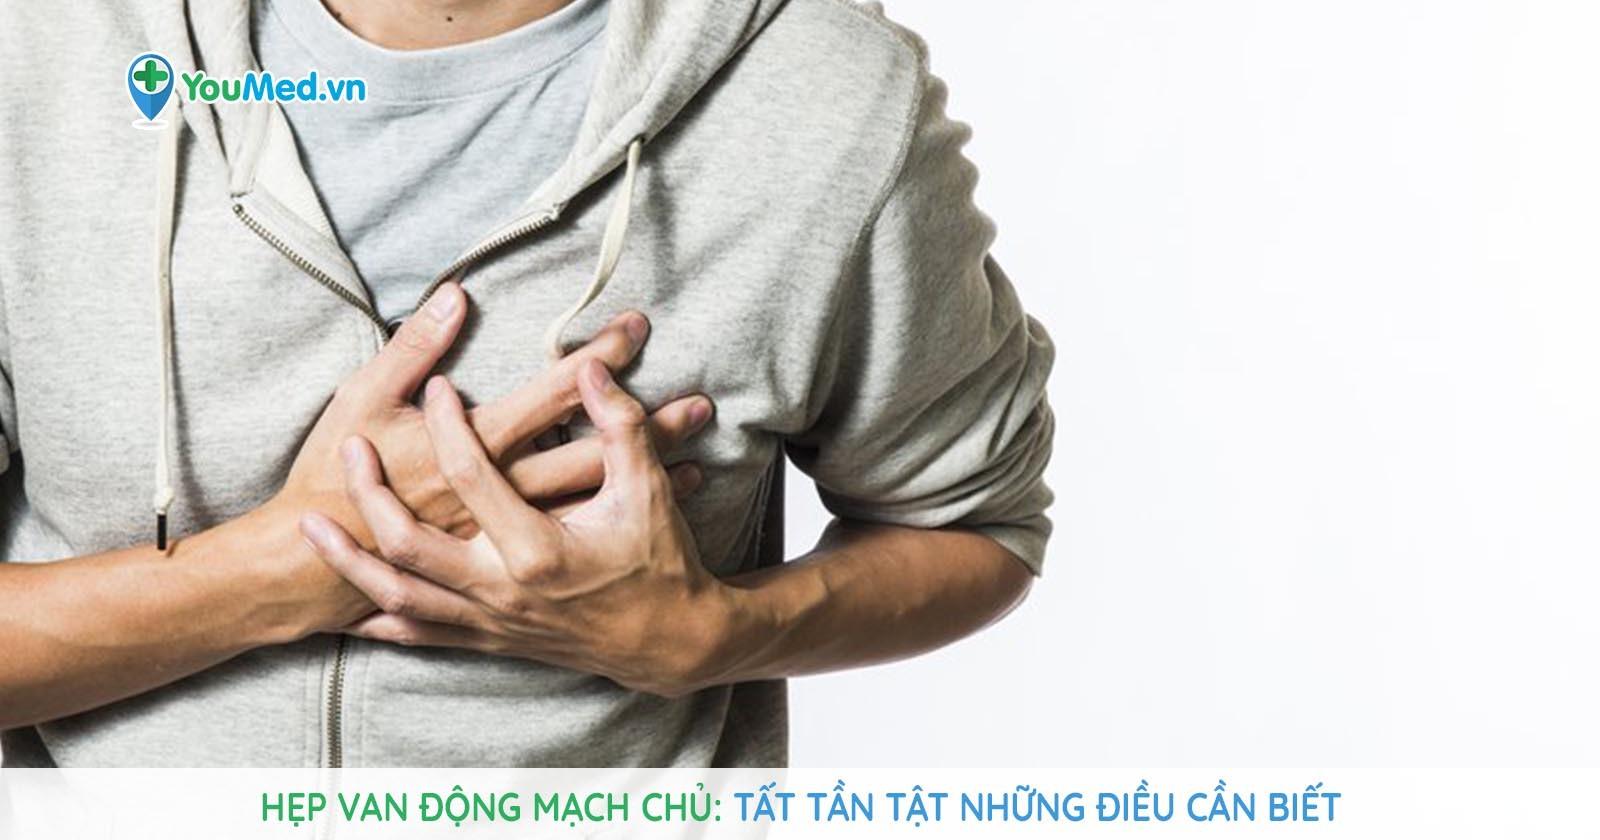 Hẹp van động mạch chủ: Tất tần tật những điều cần biết